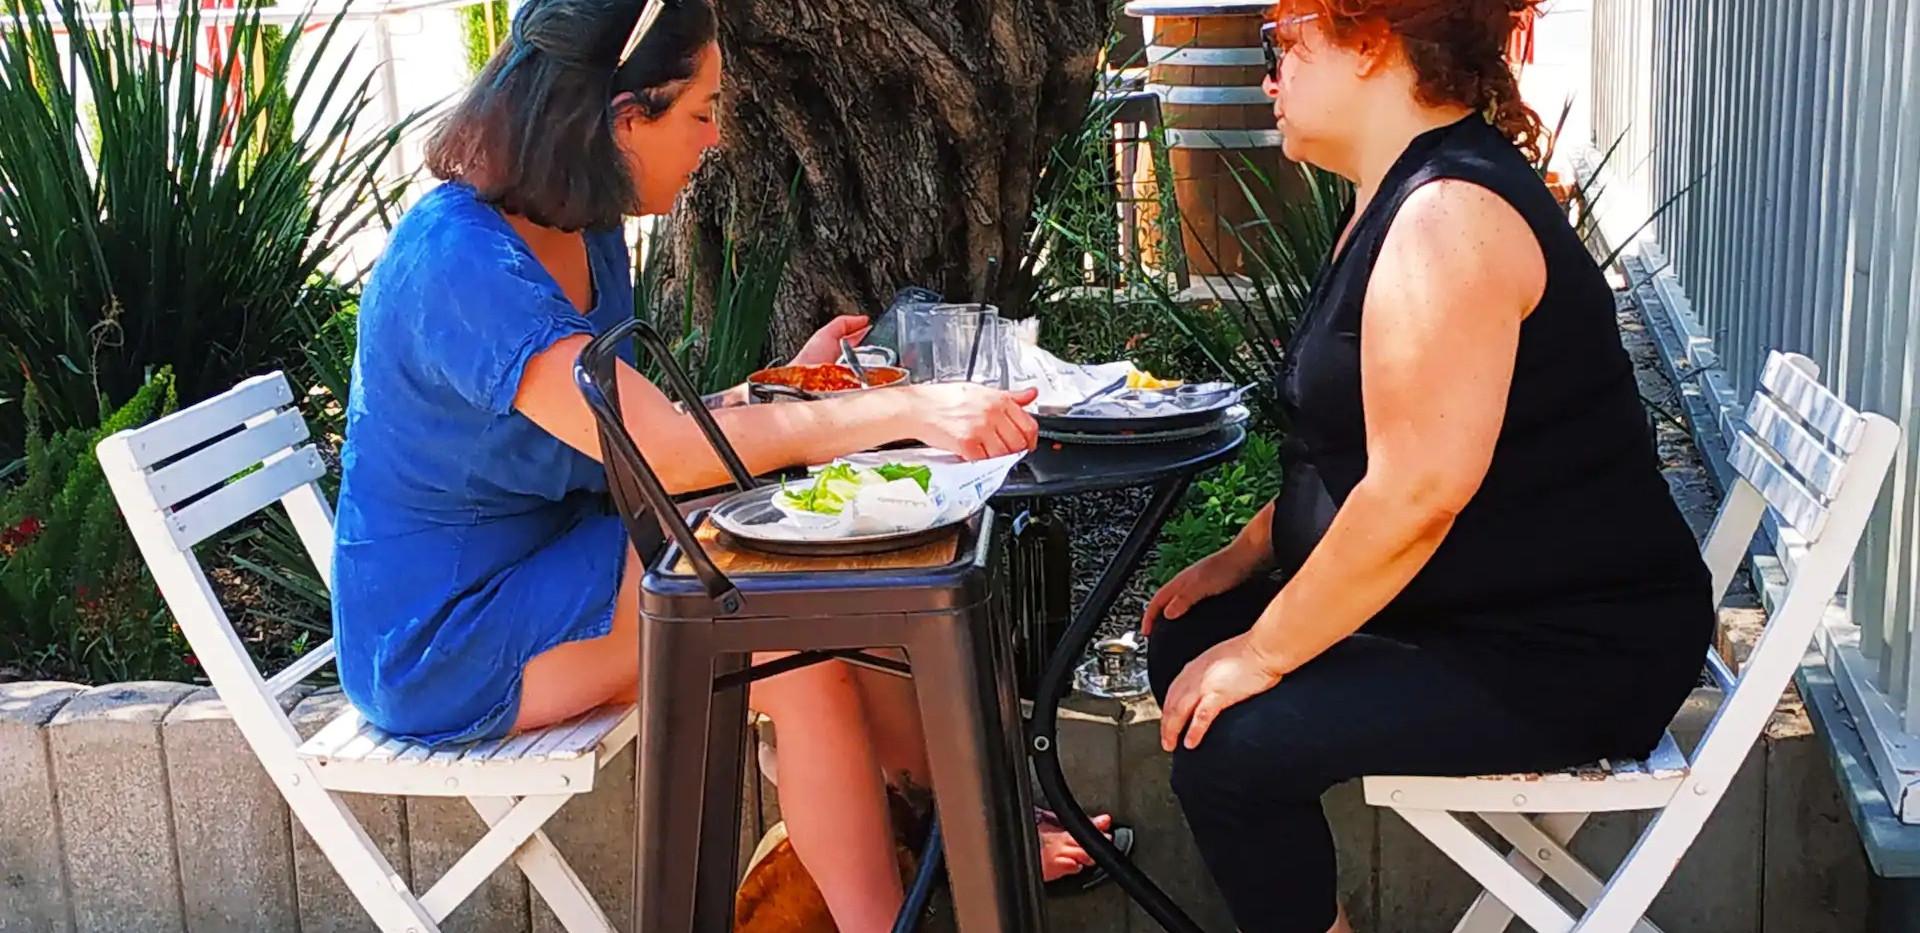 הקפה השכונתי בכפר תבור- קפהדרציה. אחד מכמה מסעדות,בתי קפה ובארים בסביבה. קפה-מסעדה מוצלח עם הנחה לאורחי תבור לנד.מתאים לילדים. one of several local resturants. Caf'ederazia,Kfar Tavor. Tasety food with a discount for Tabor Land guests.